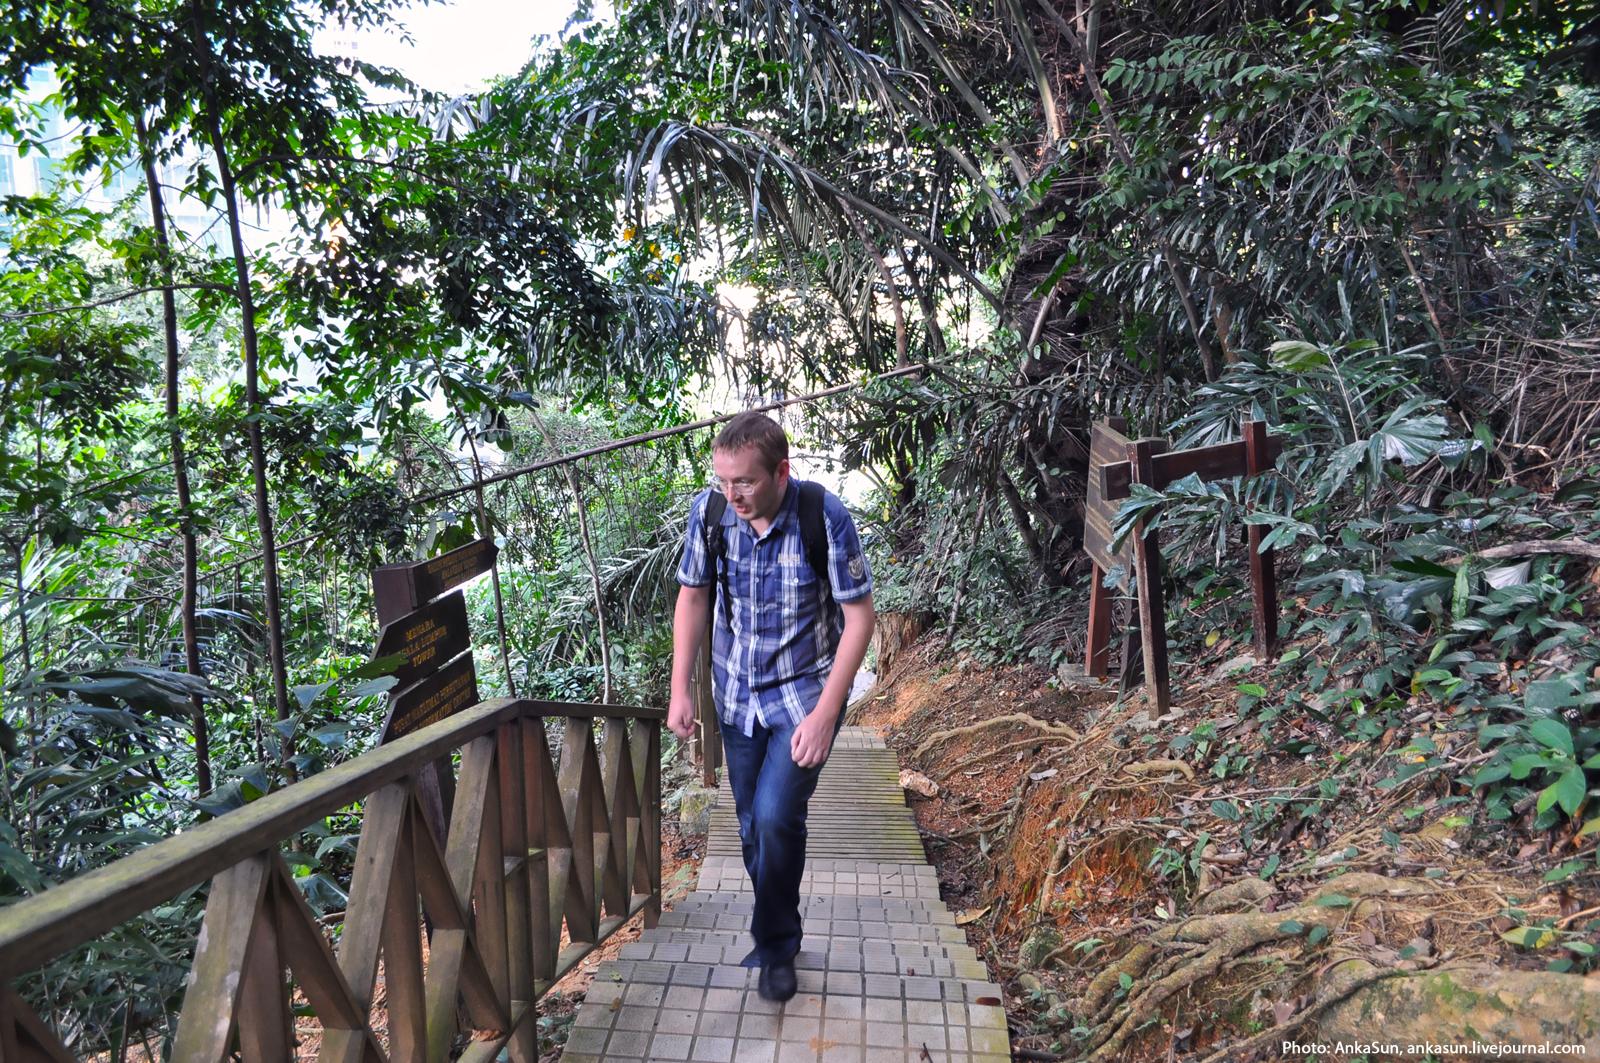 Узенькая тропинка по которой савушкин 28 фотография